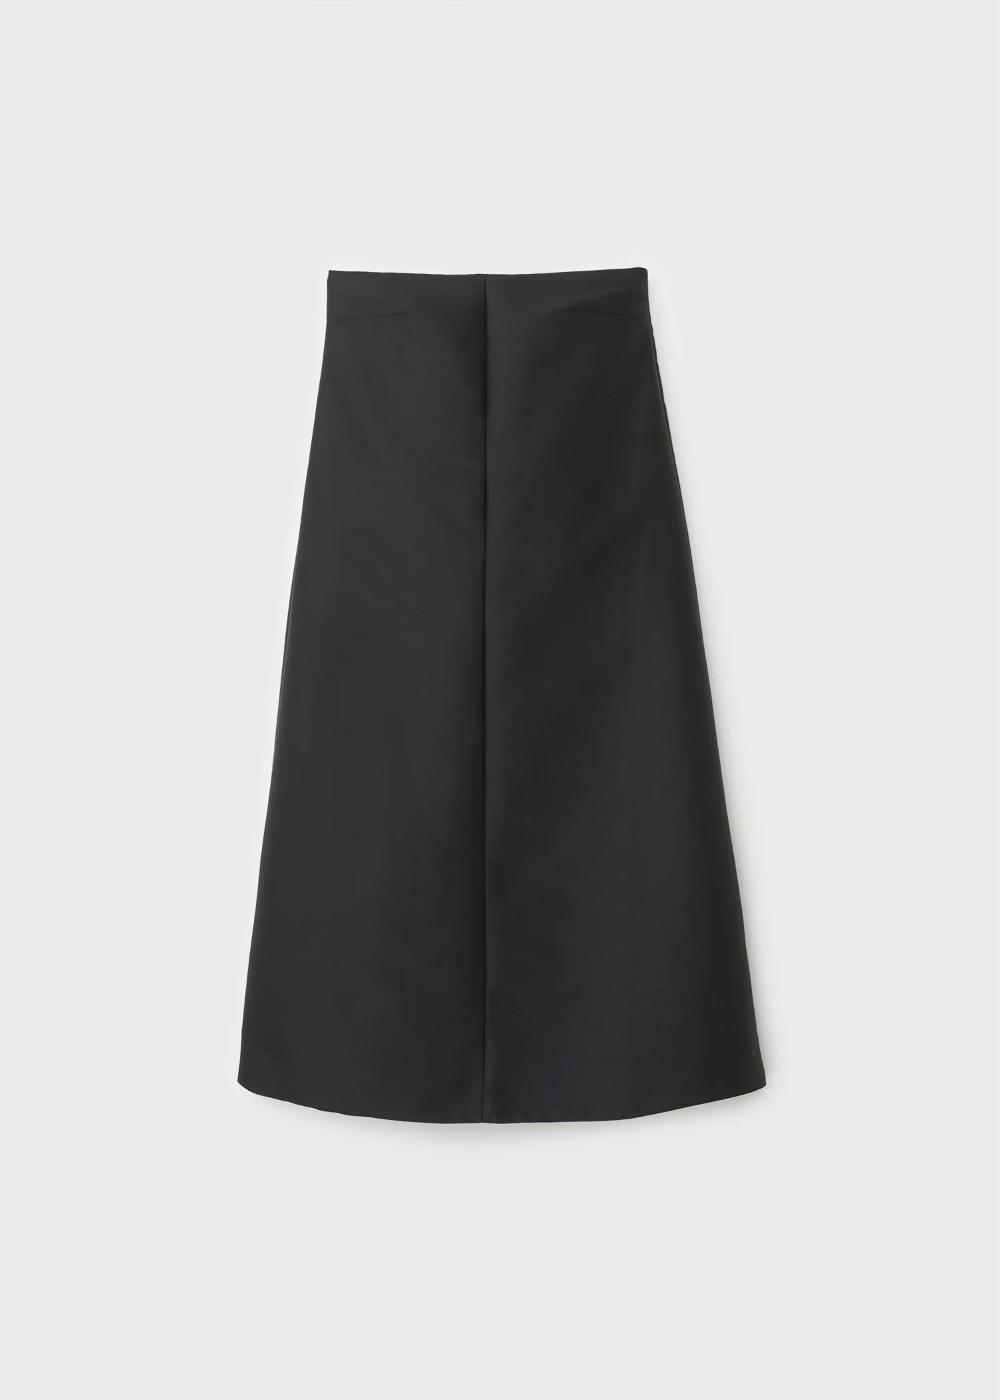 Pin On Toteme Dresses Skirts [ 1400 x 1000 Pixel ]